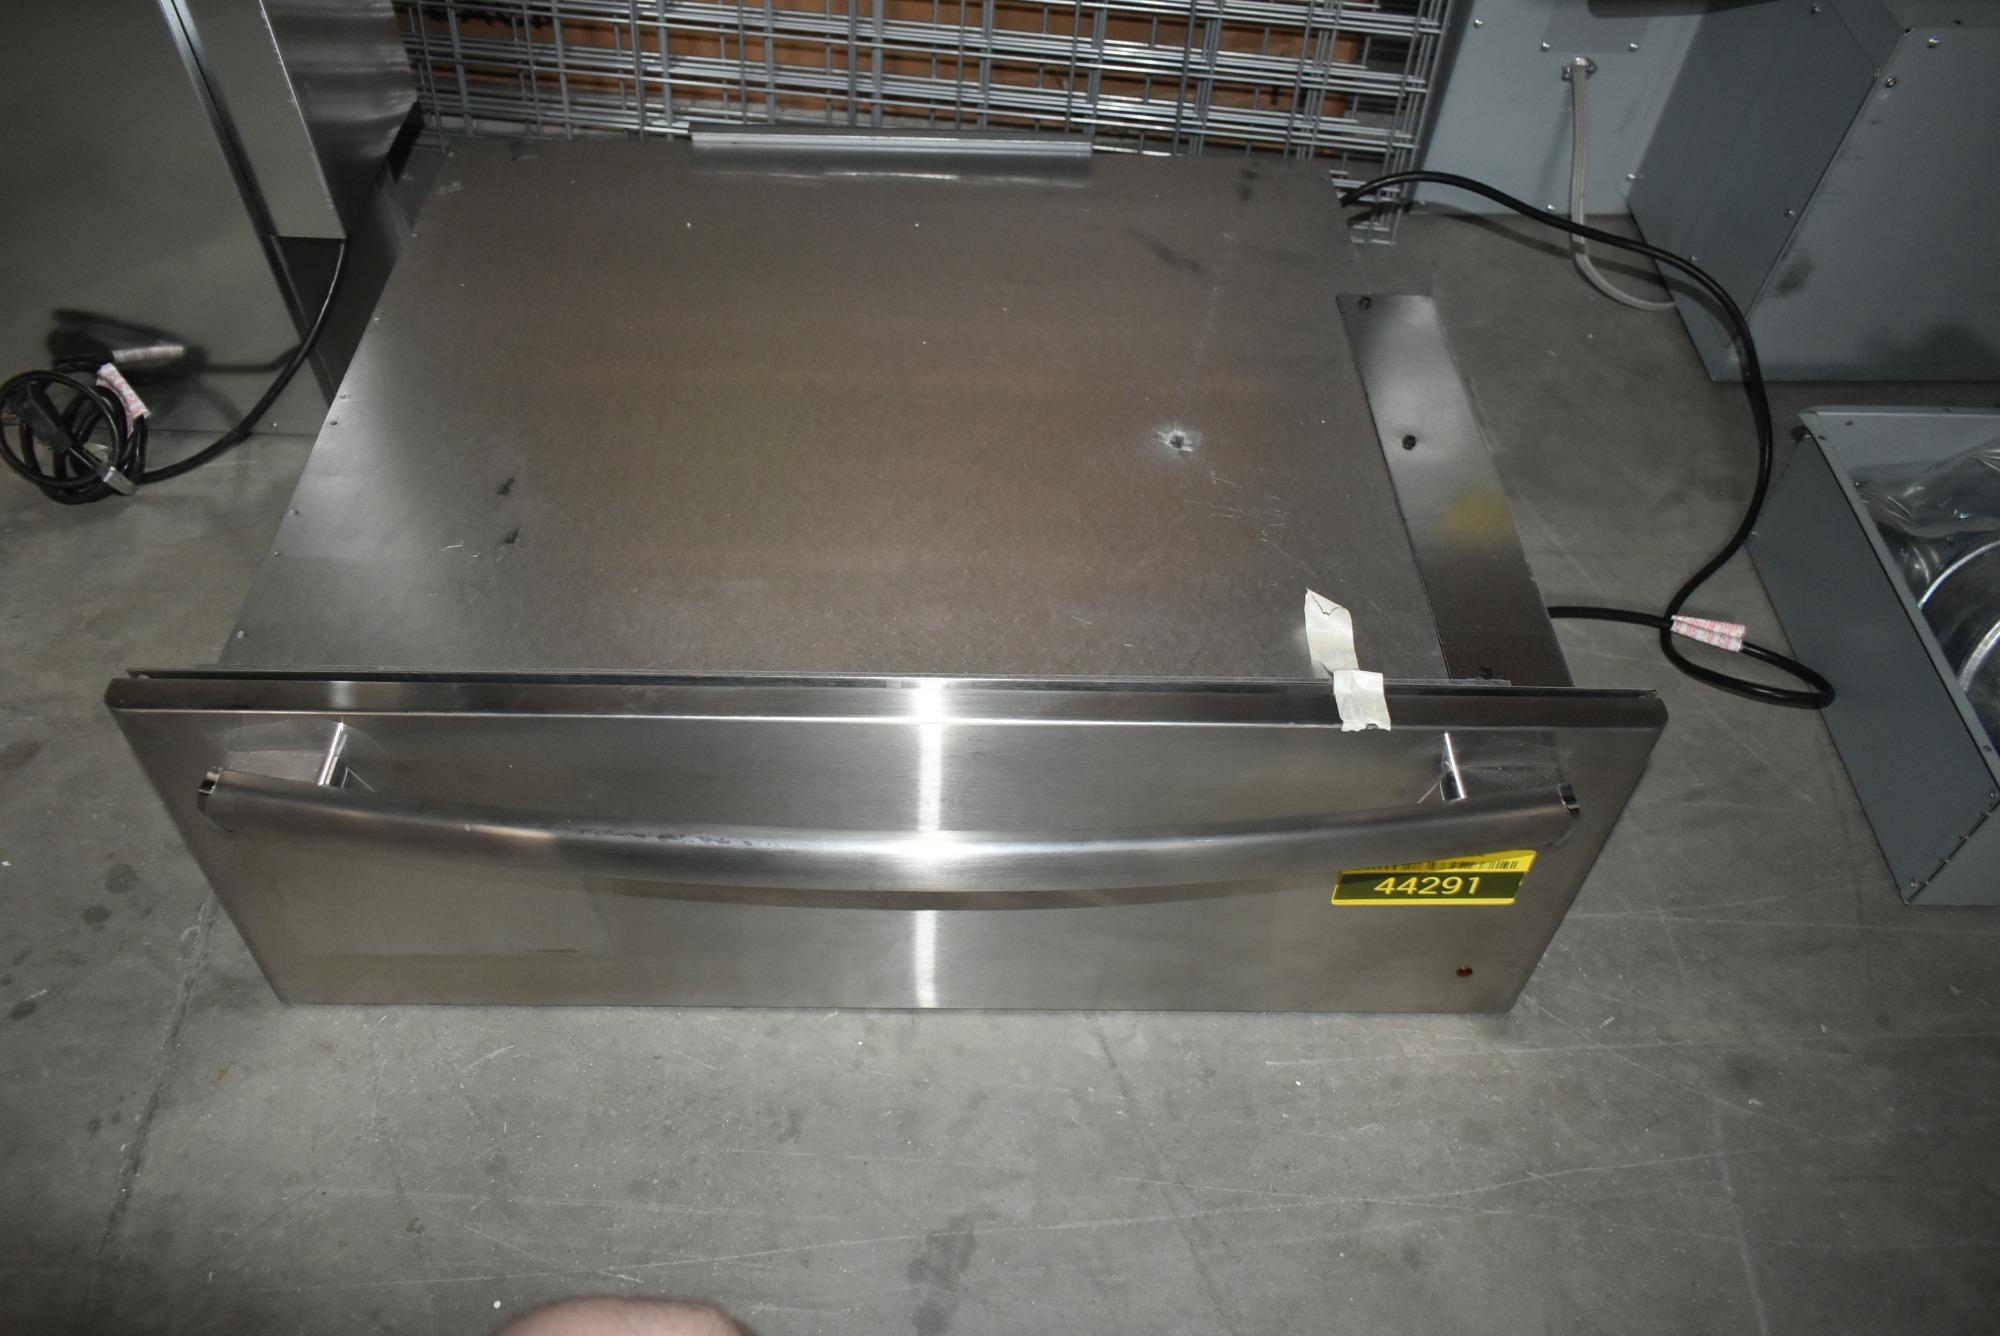 GE PW9000SFSS 30